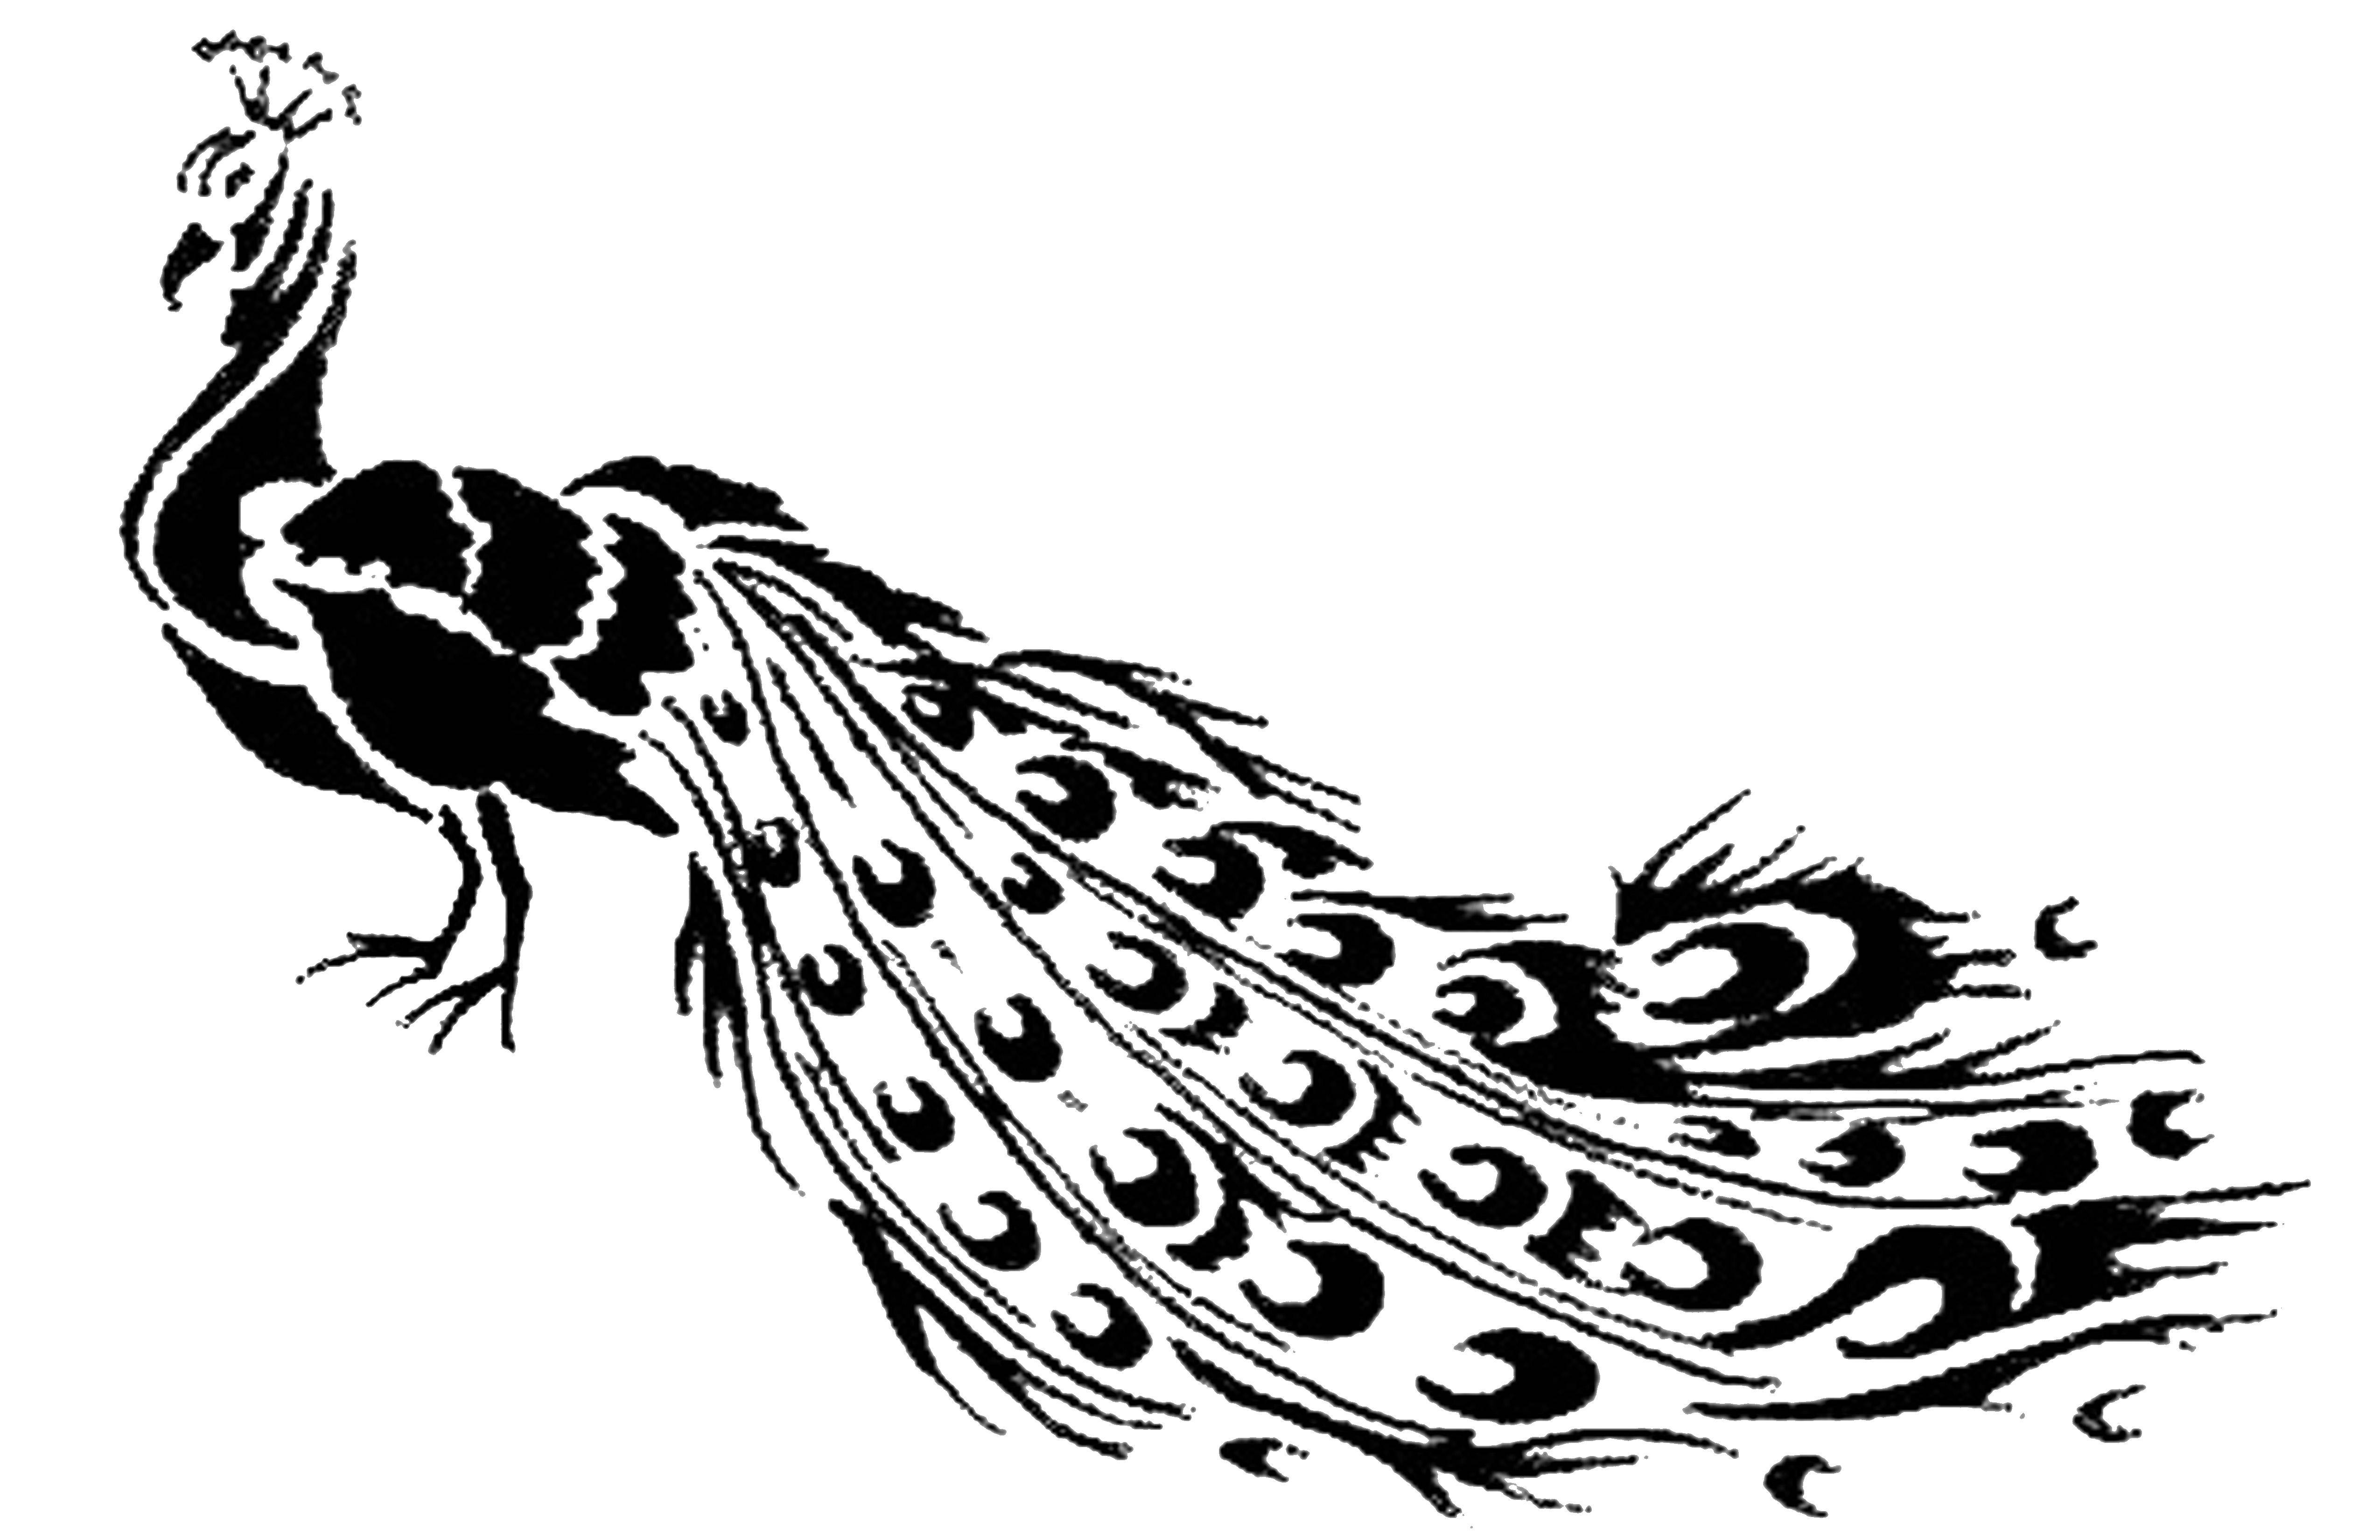 Раскраски домашние птицы павлин, птицы зоопарка павлины  Павлин с длинным хвостом